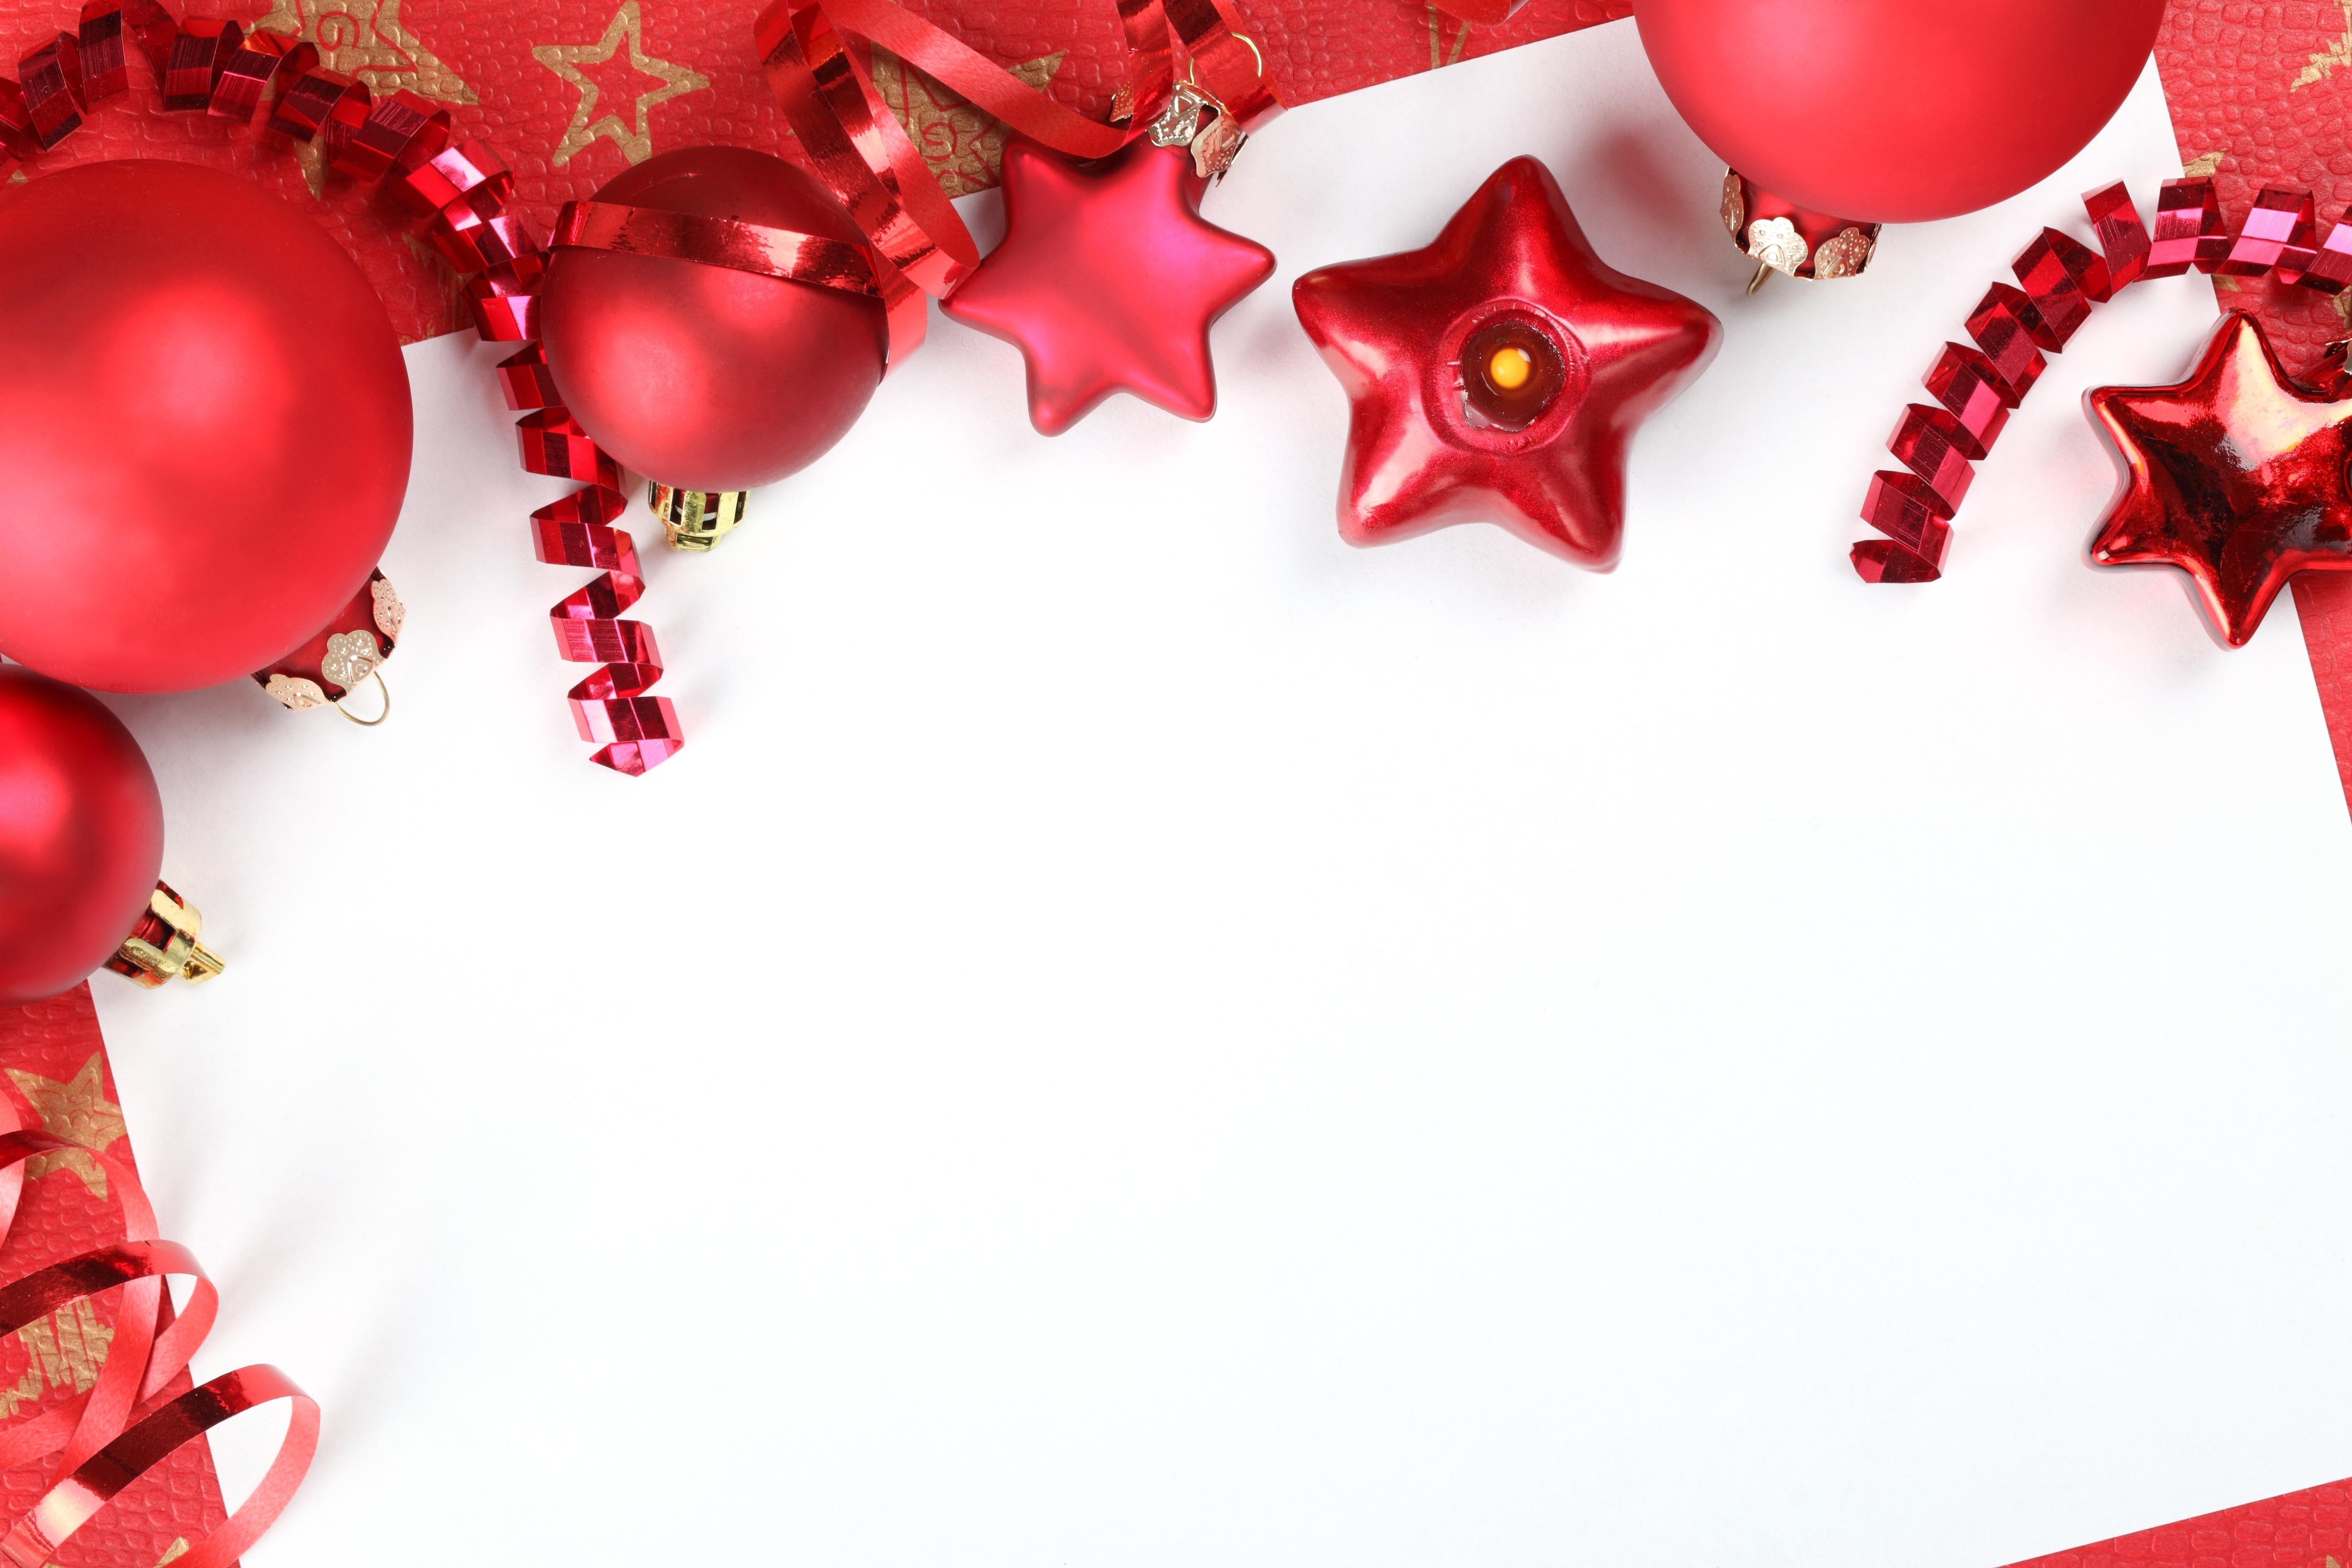 Фон для открытки белый с новым годом, ночи картинки красивые